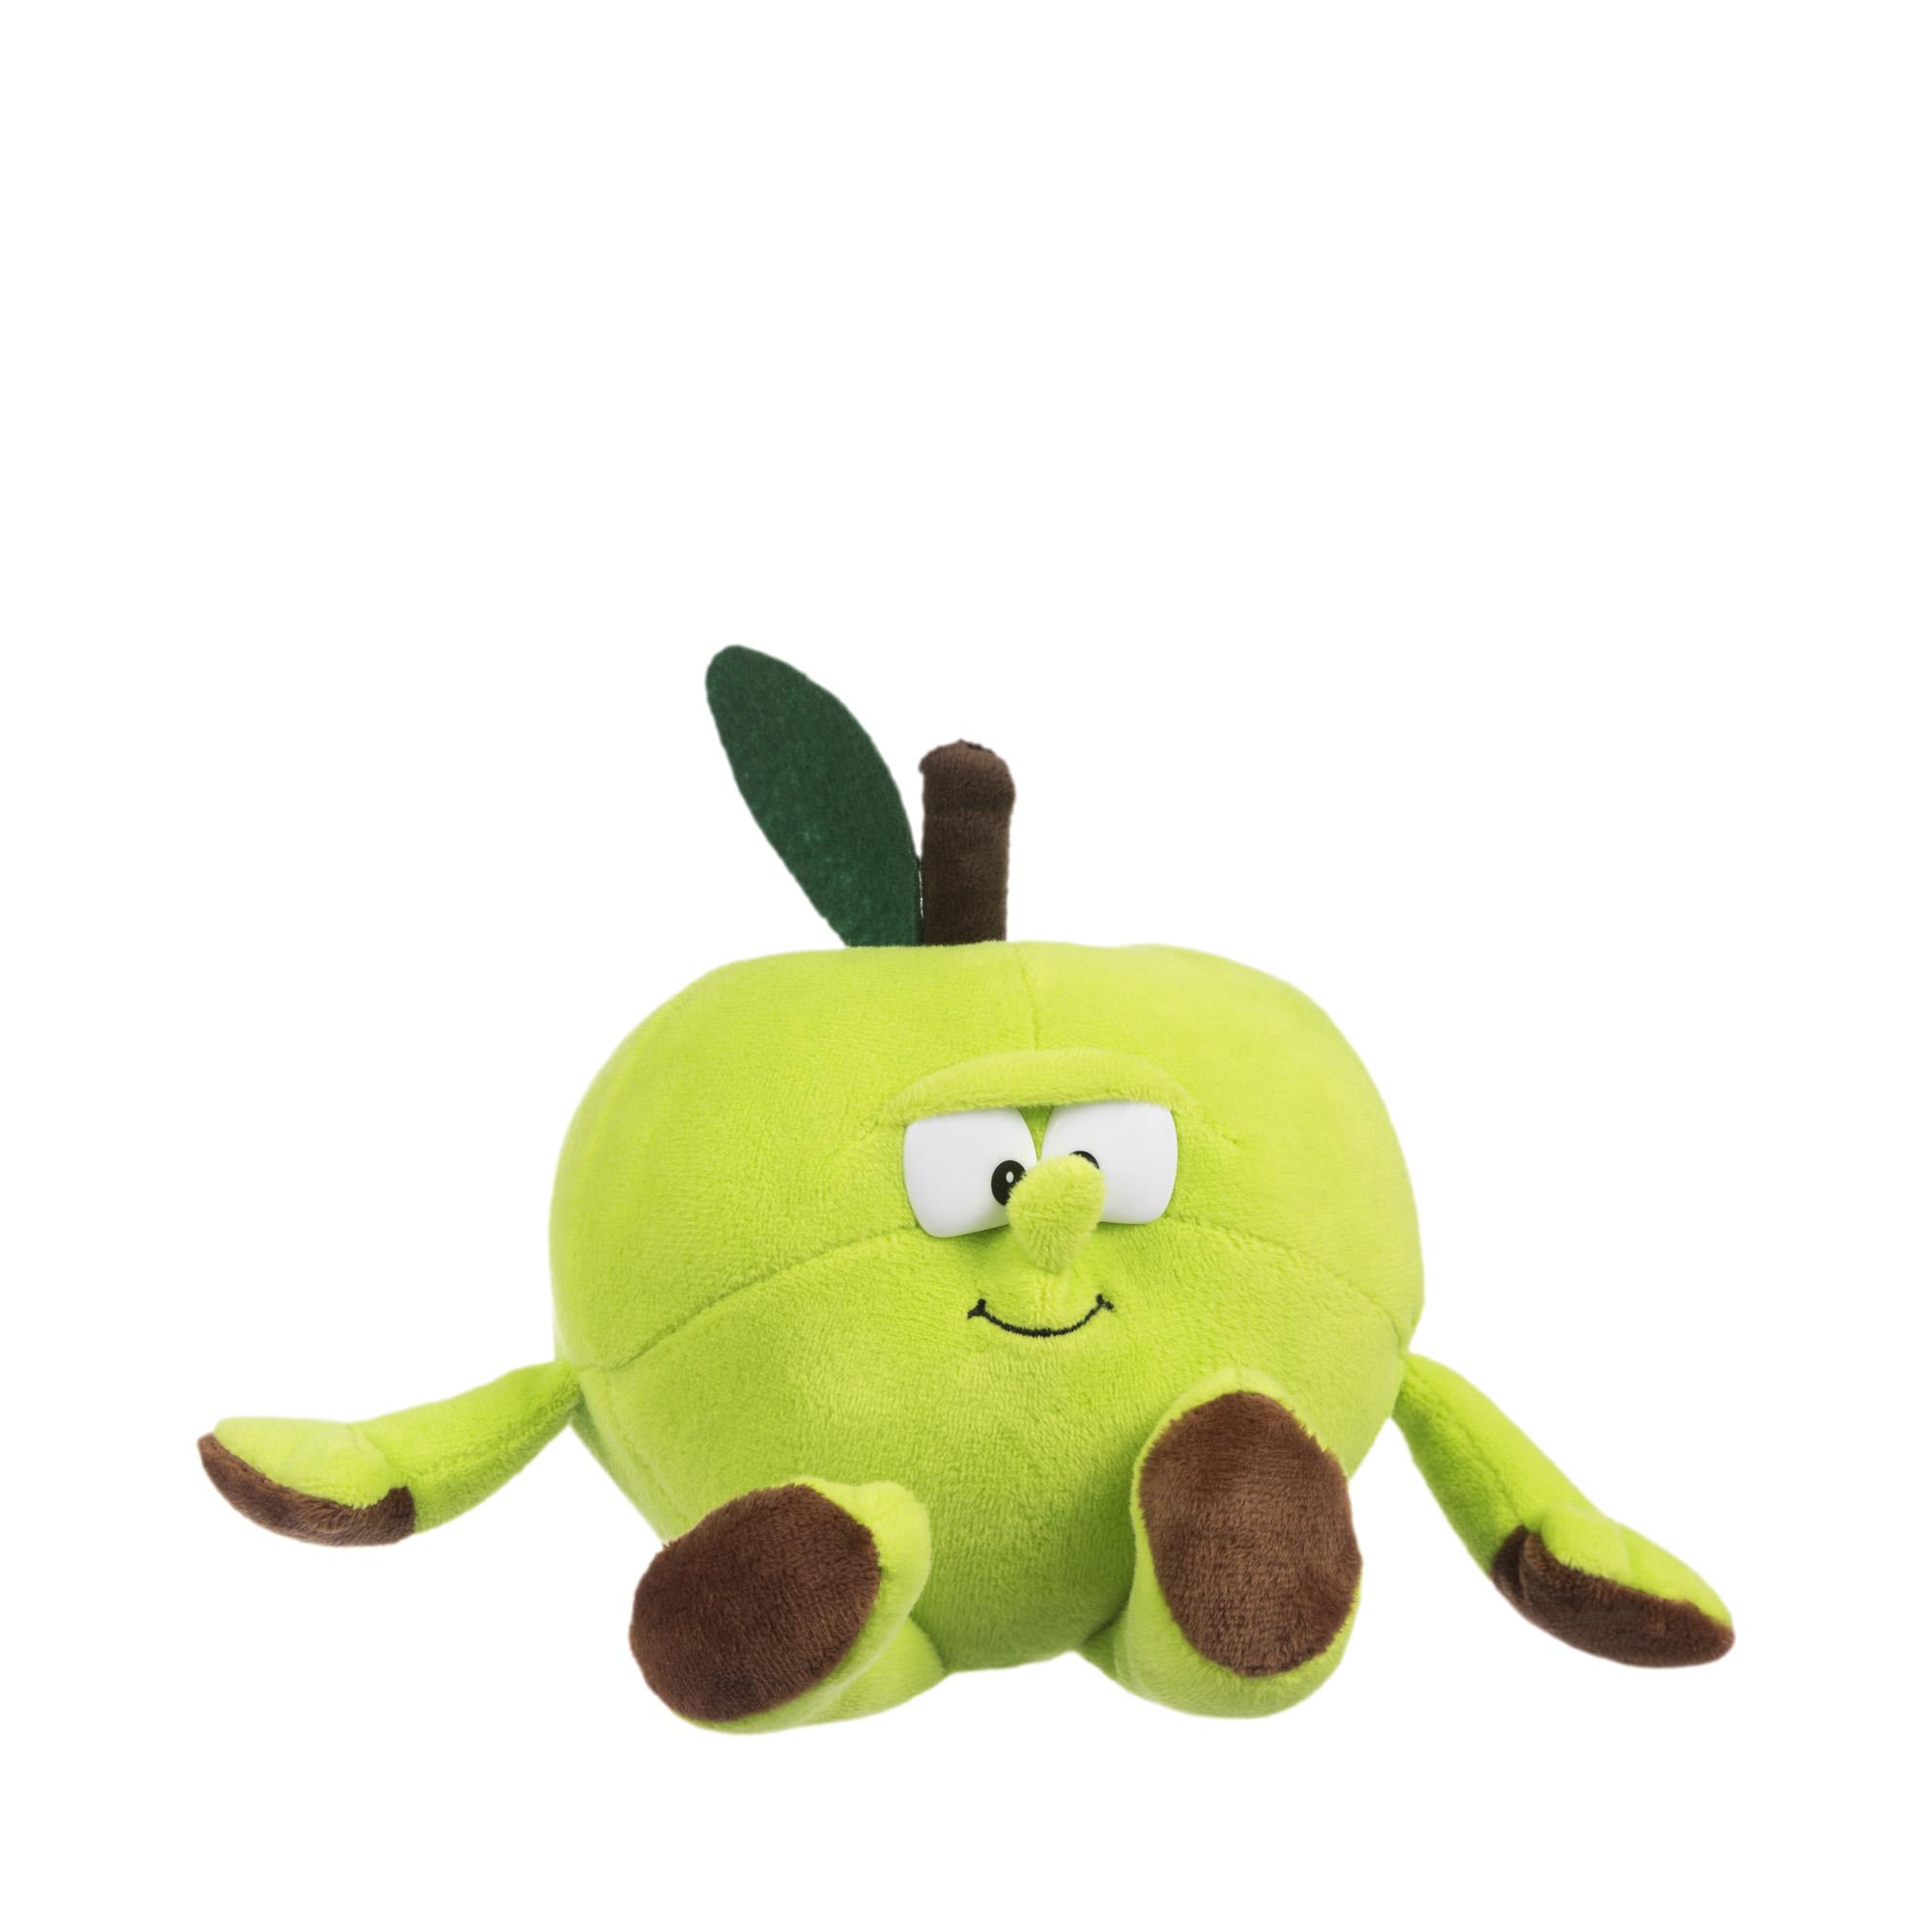 Мягкая игрушка мягкая игрушка imoji мягкая игрушка